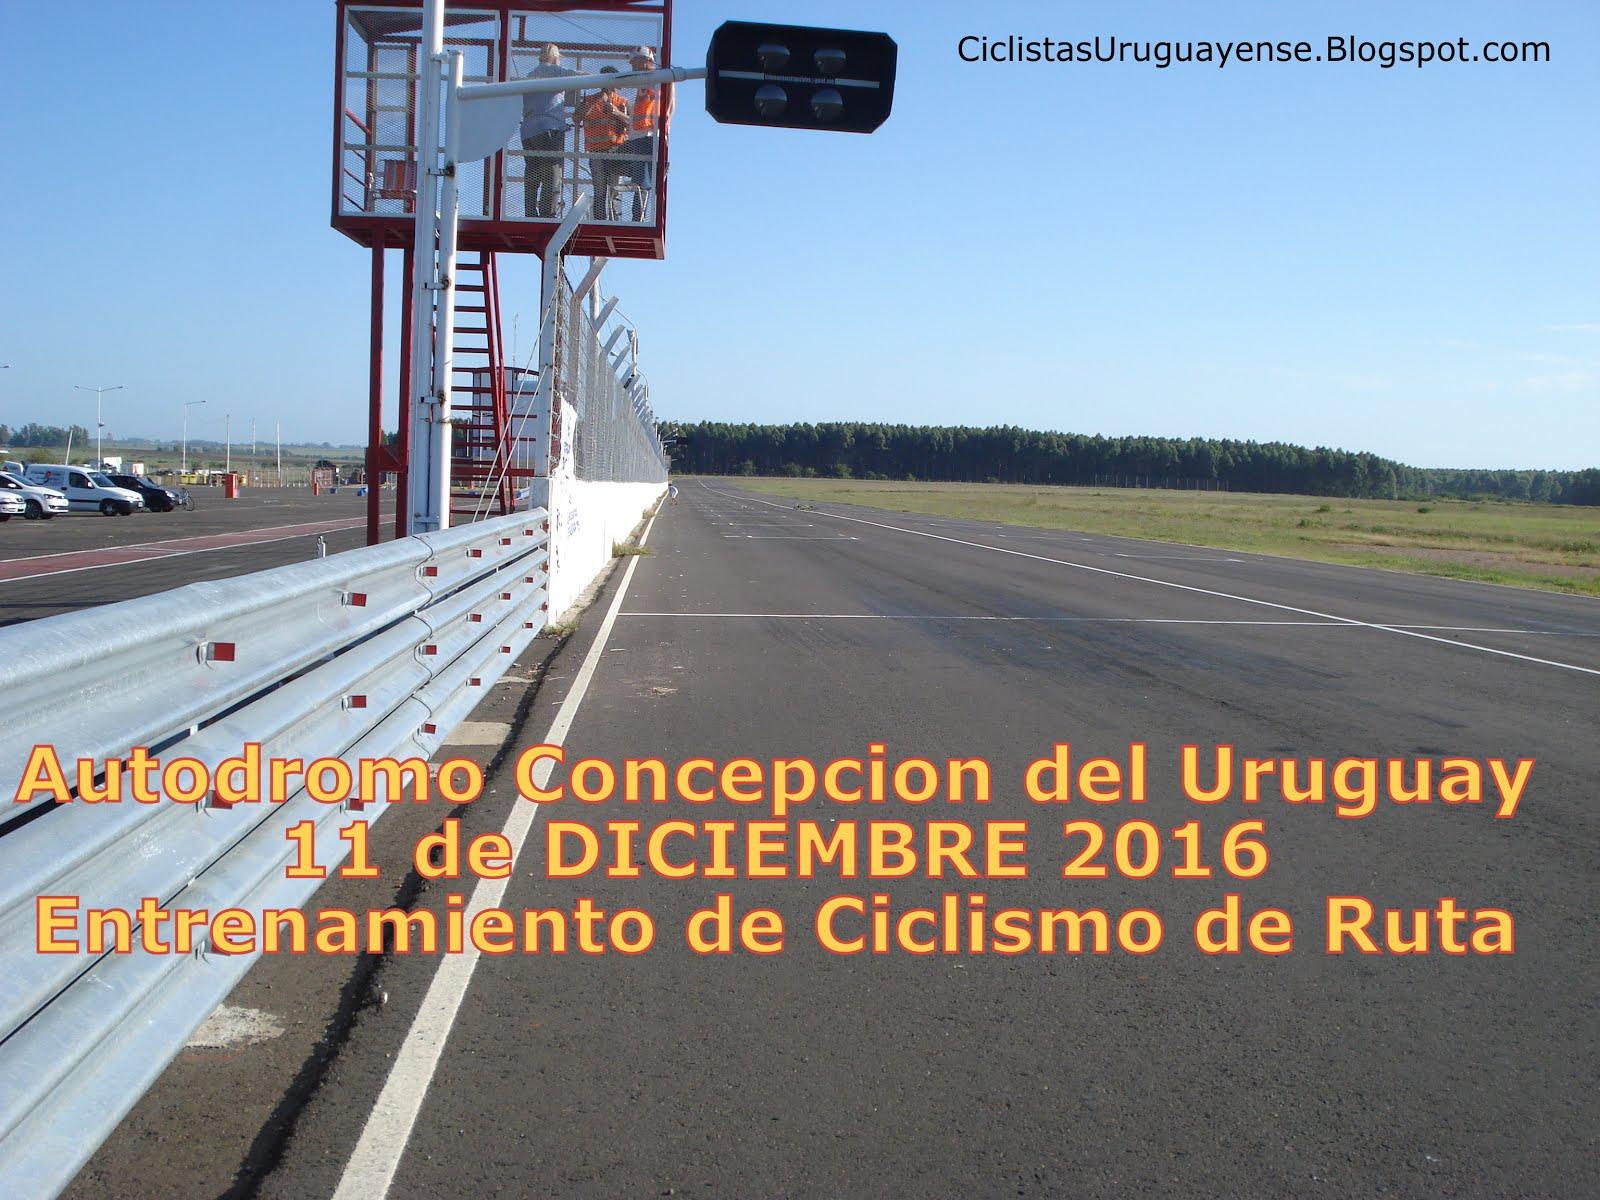 11-Dic-16 Entrenamiento en el Autodromo